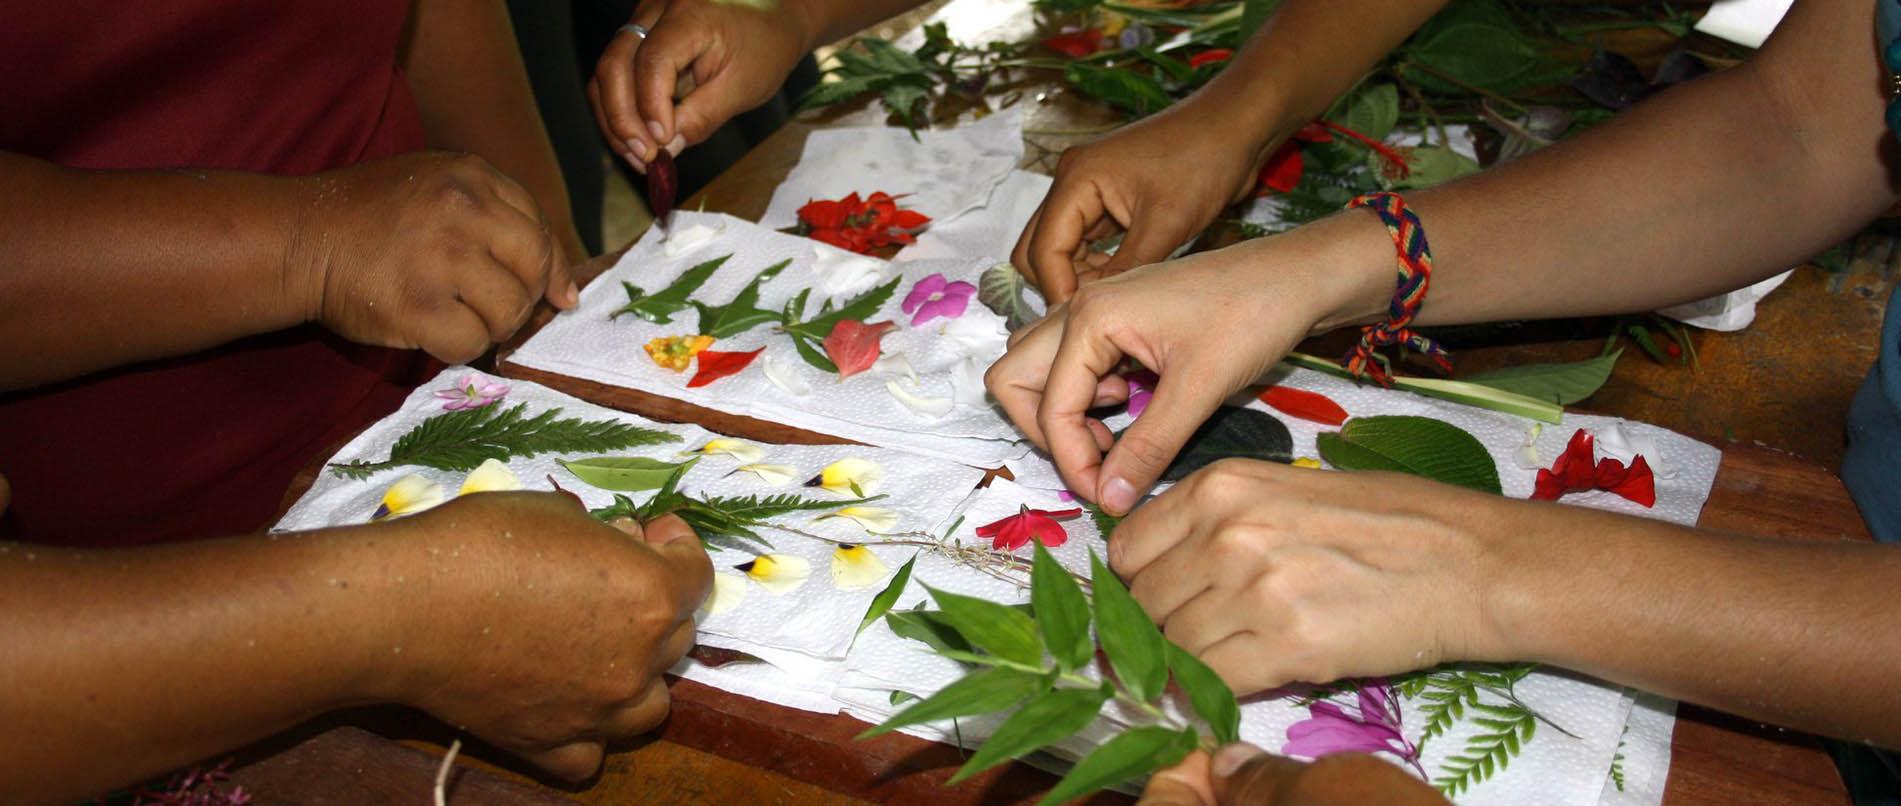 Amazonian Arts internship